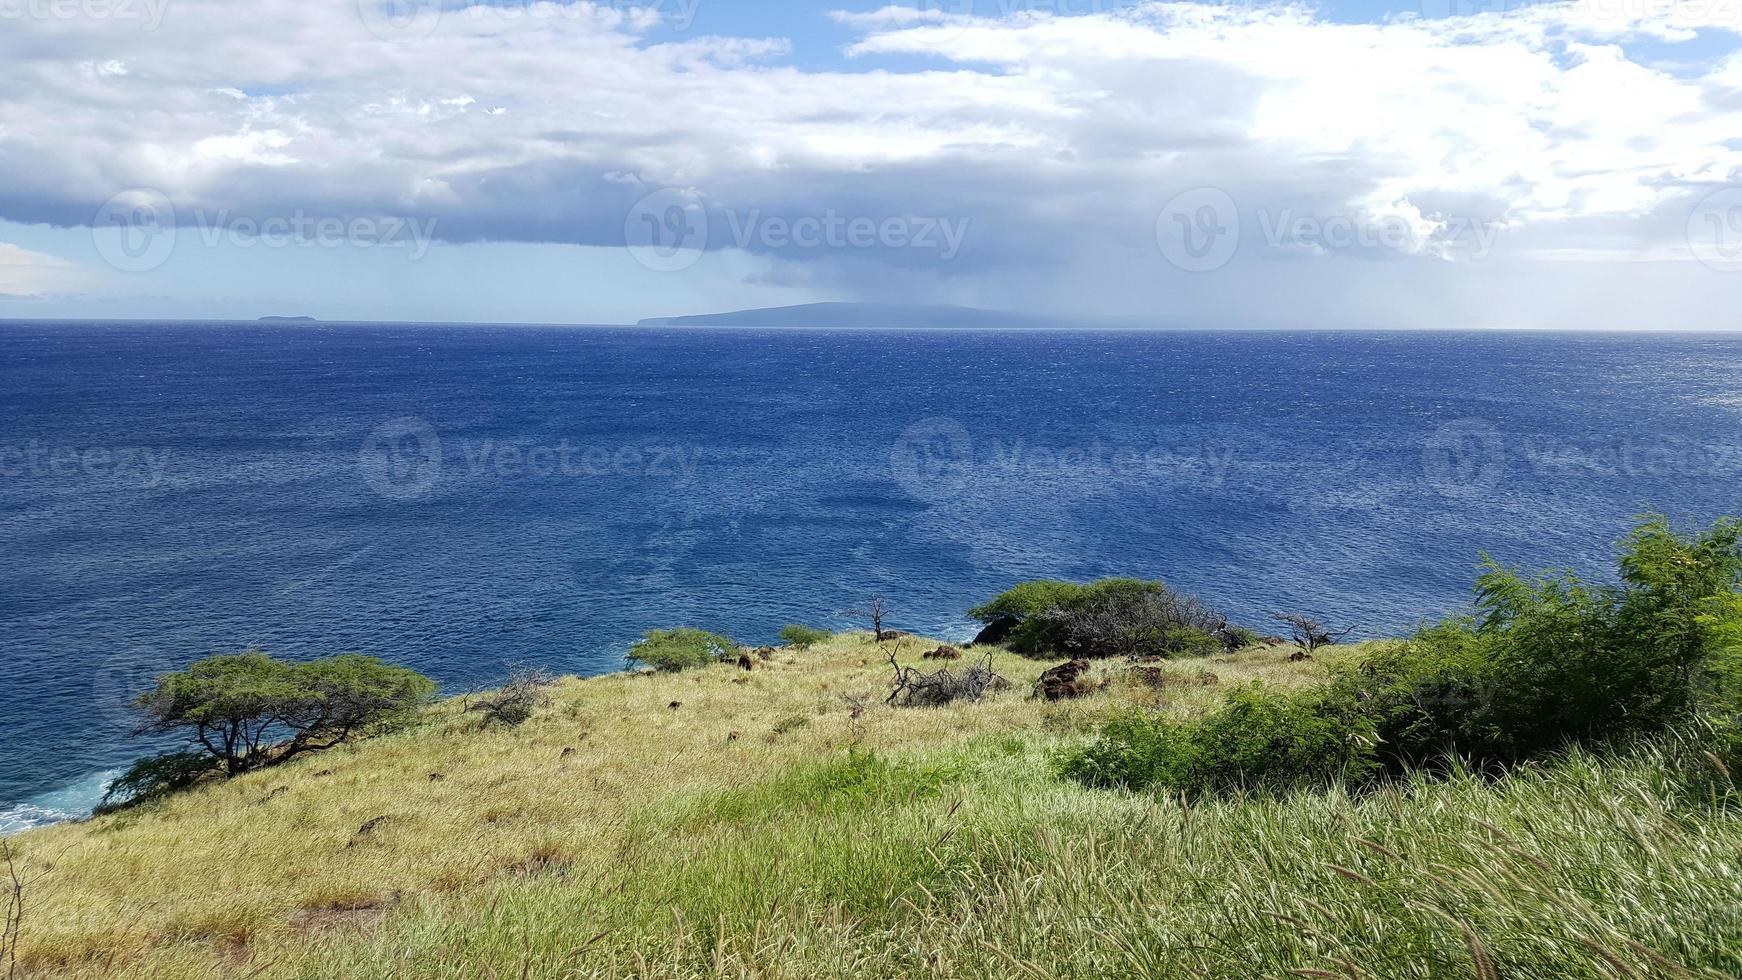 lahaina graslanden en kust foto